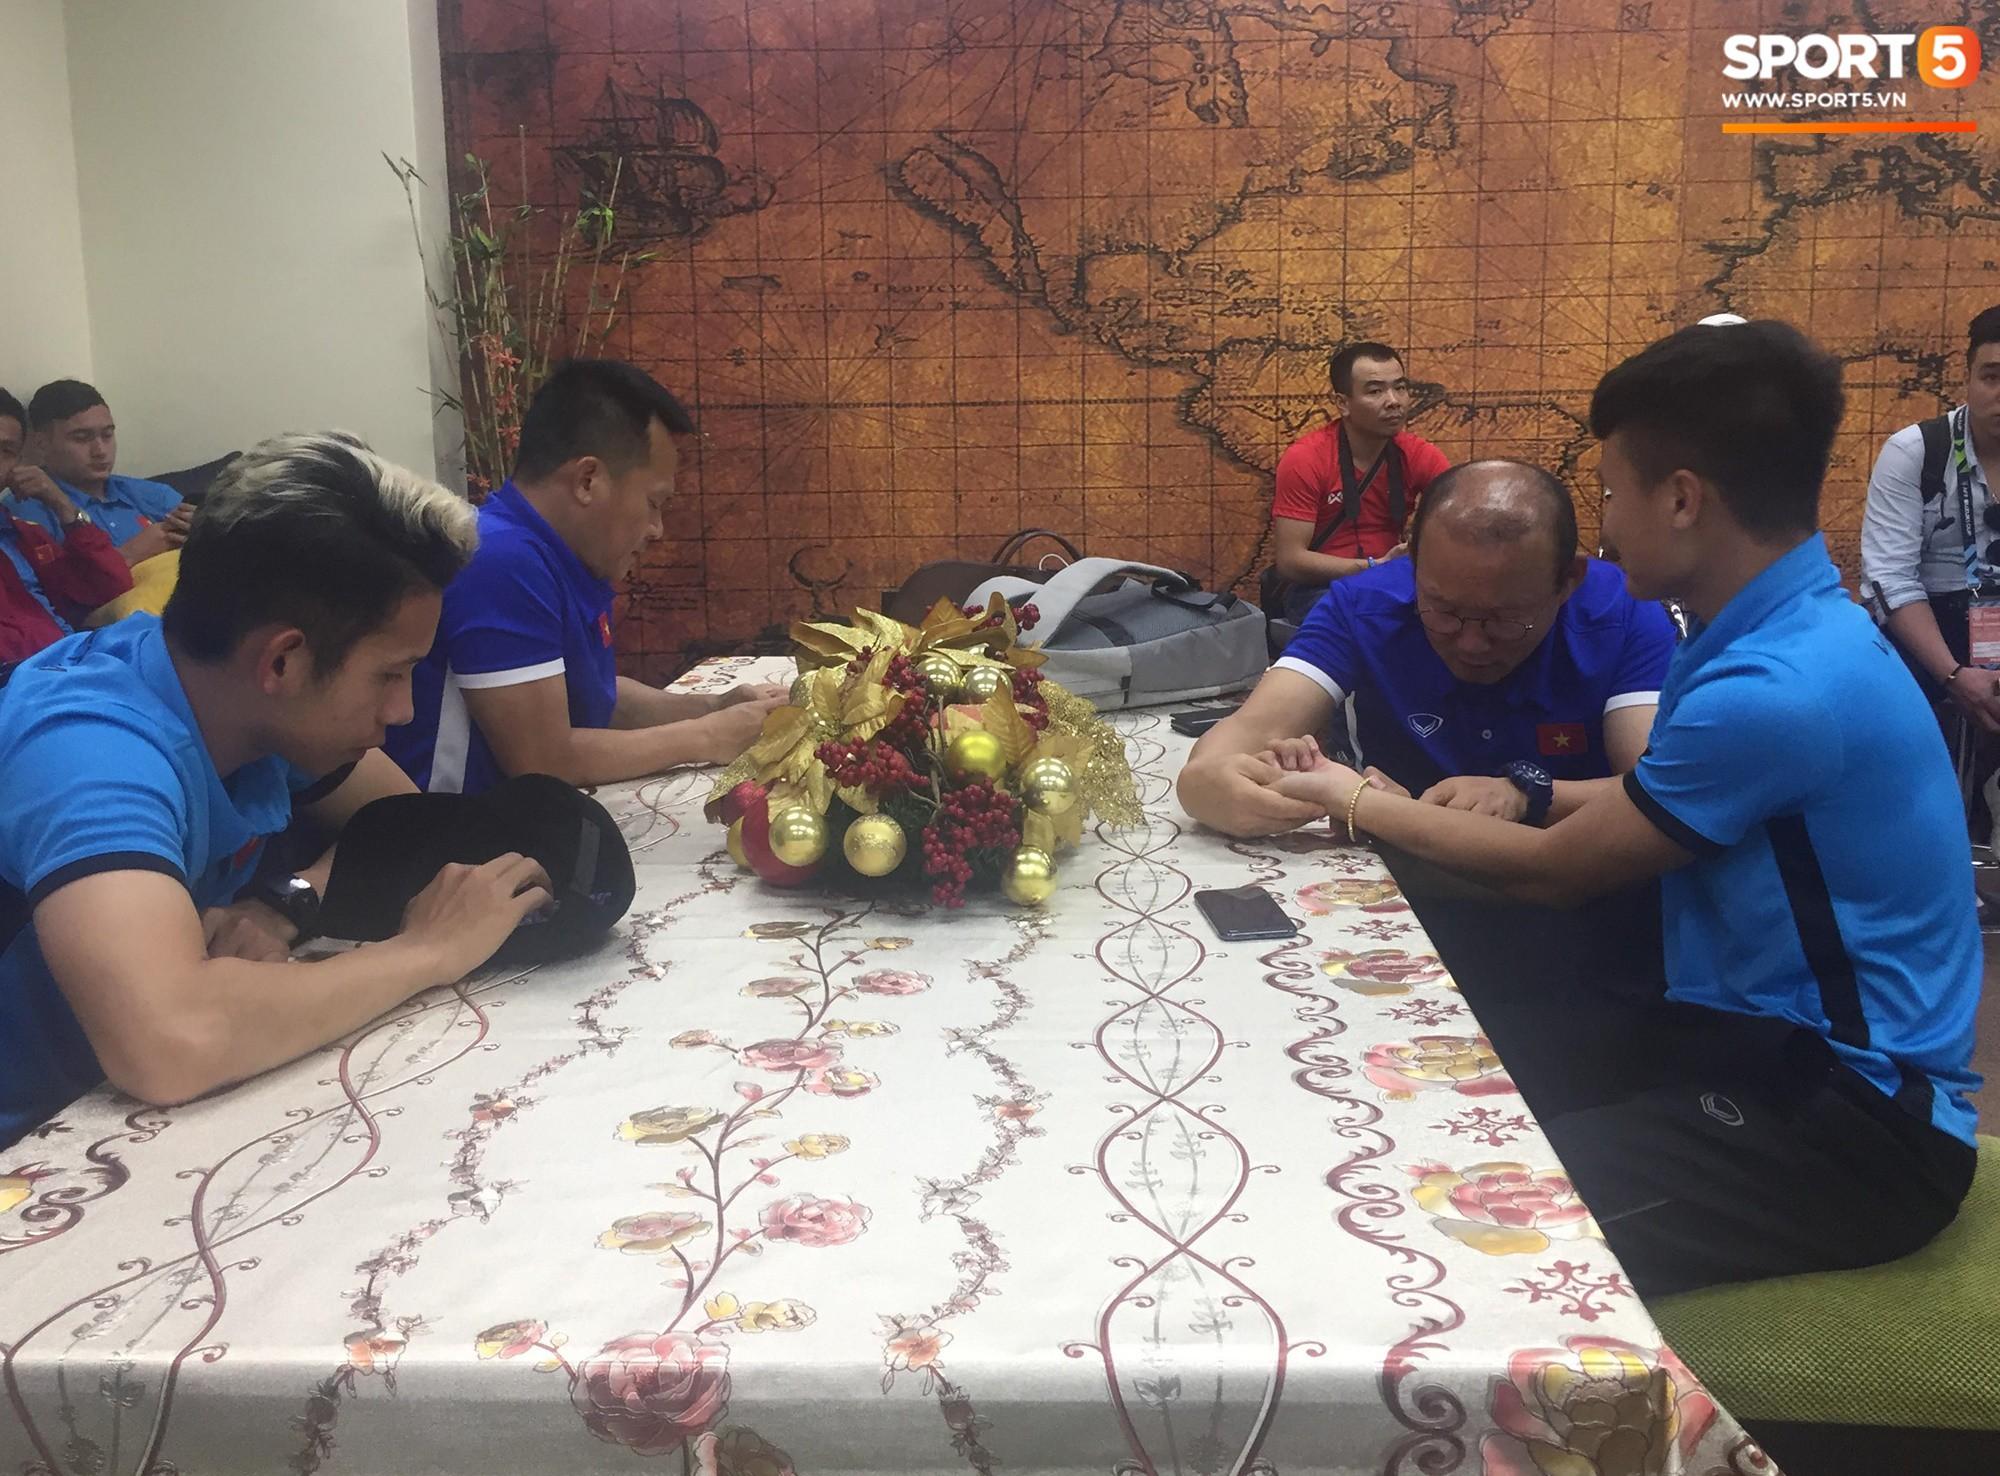 Sau 2 tiếng chờ trên máy bay, toàn đội được di chuyển tới 1 phòng nghỉ để chờ nhân viên làm thủ tục nhập cảnh. Ảnh: Phạm Huyền